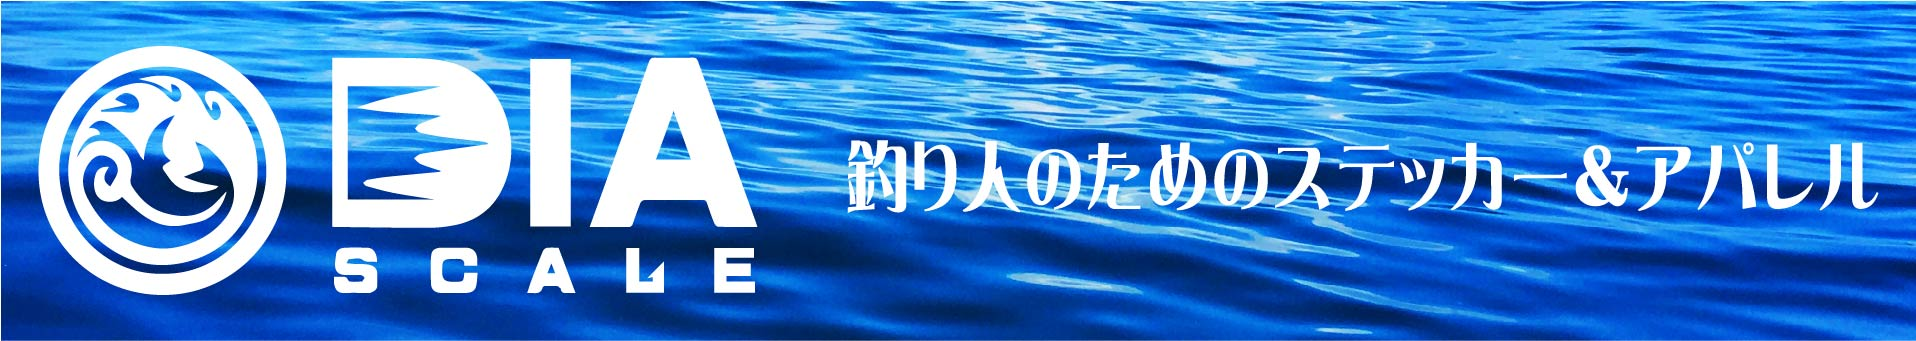 【DIA SCALE(ダイヤスケール)】公式ウェブサイト